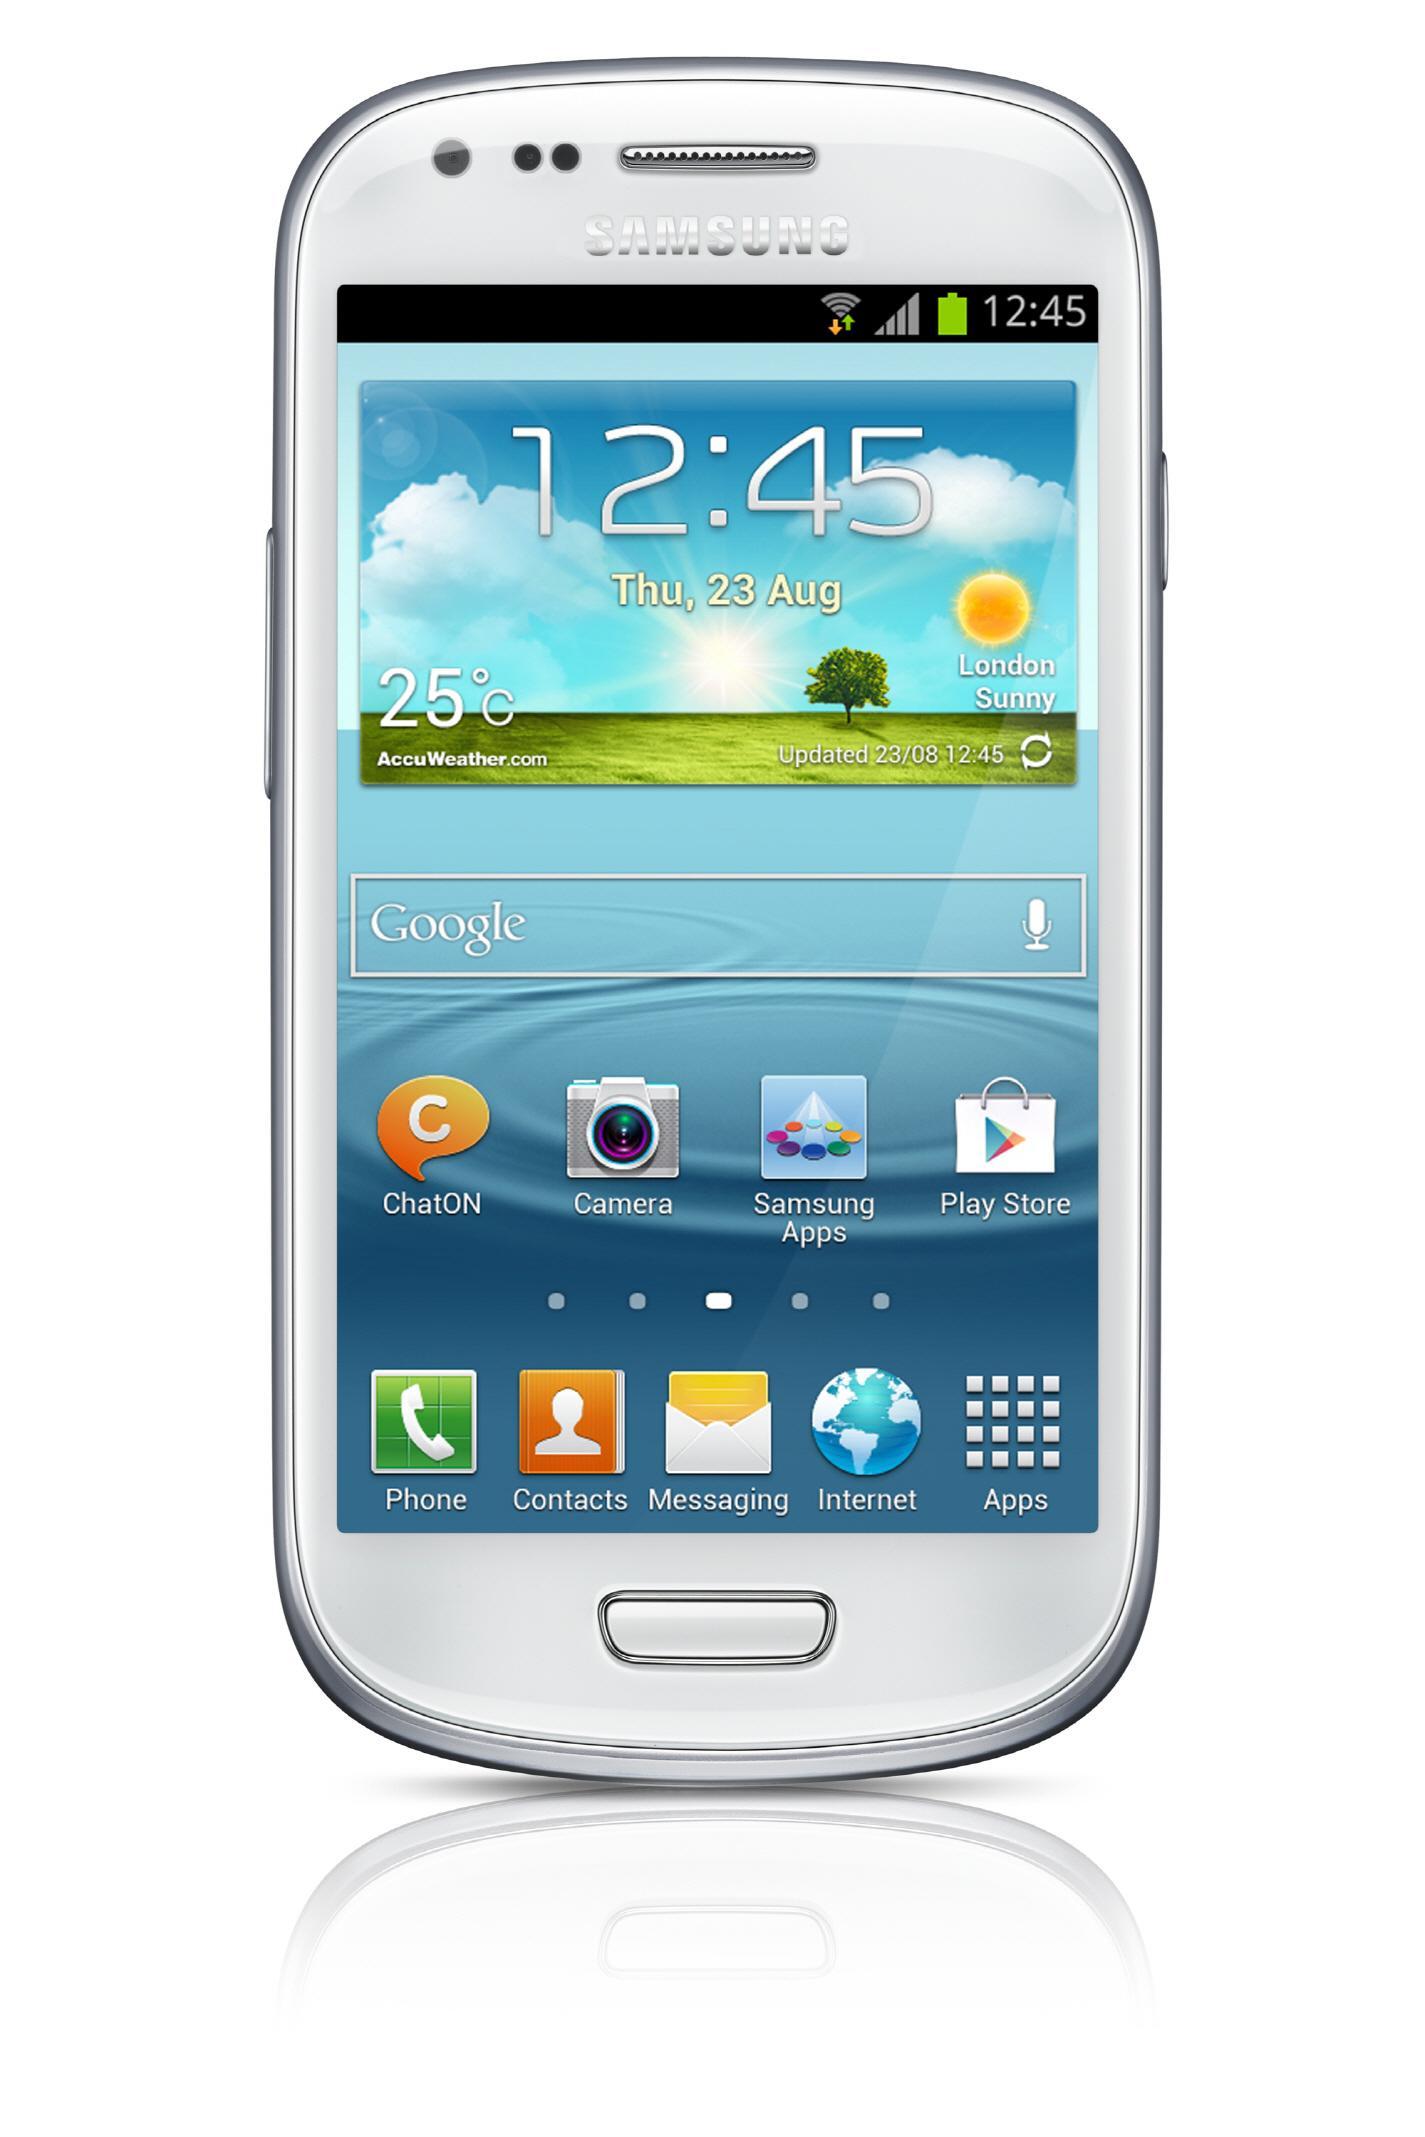 Samsung har vært en av ST Ericssons sterkeste konkurrenter med sine Exynos-brikker. Samtidig har selskapet også vært en stor kunde. Galaxy S III Mini er en av mange modeller som er basert på NovaThor-plattformen.Foto: Samsung